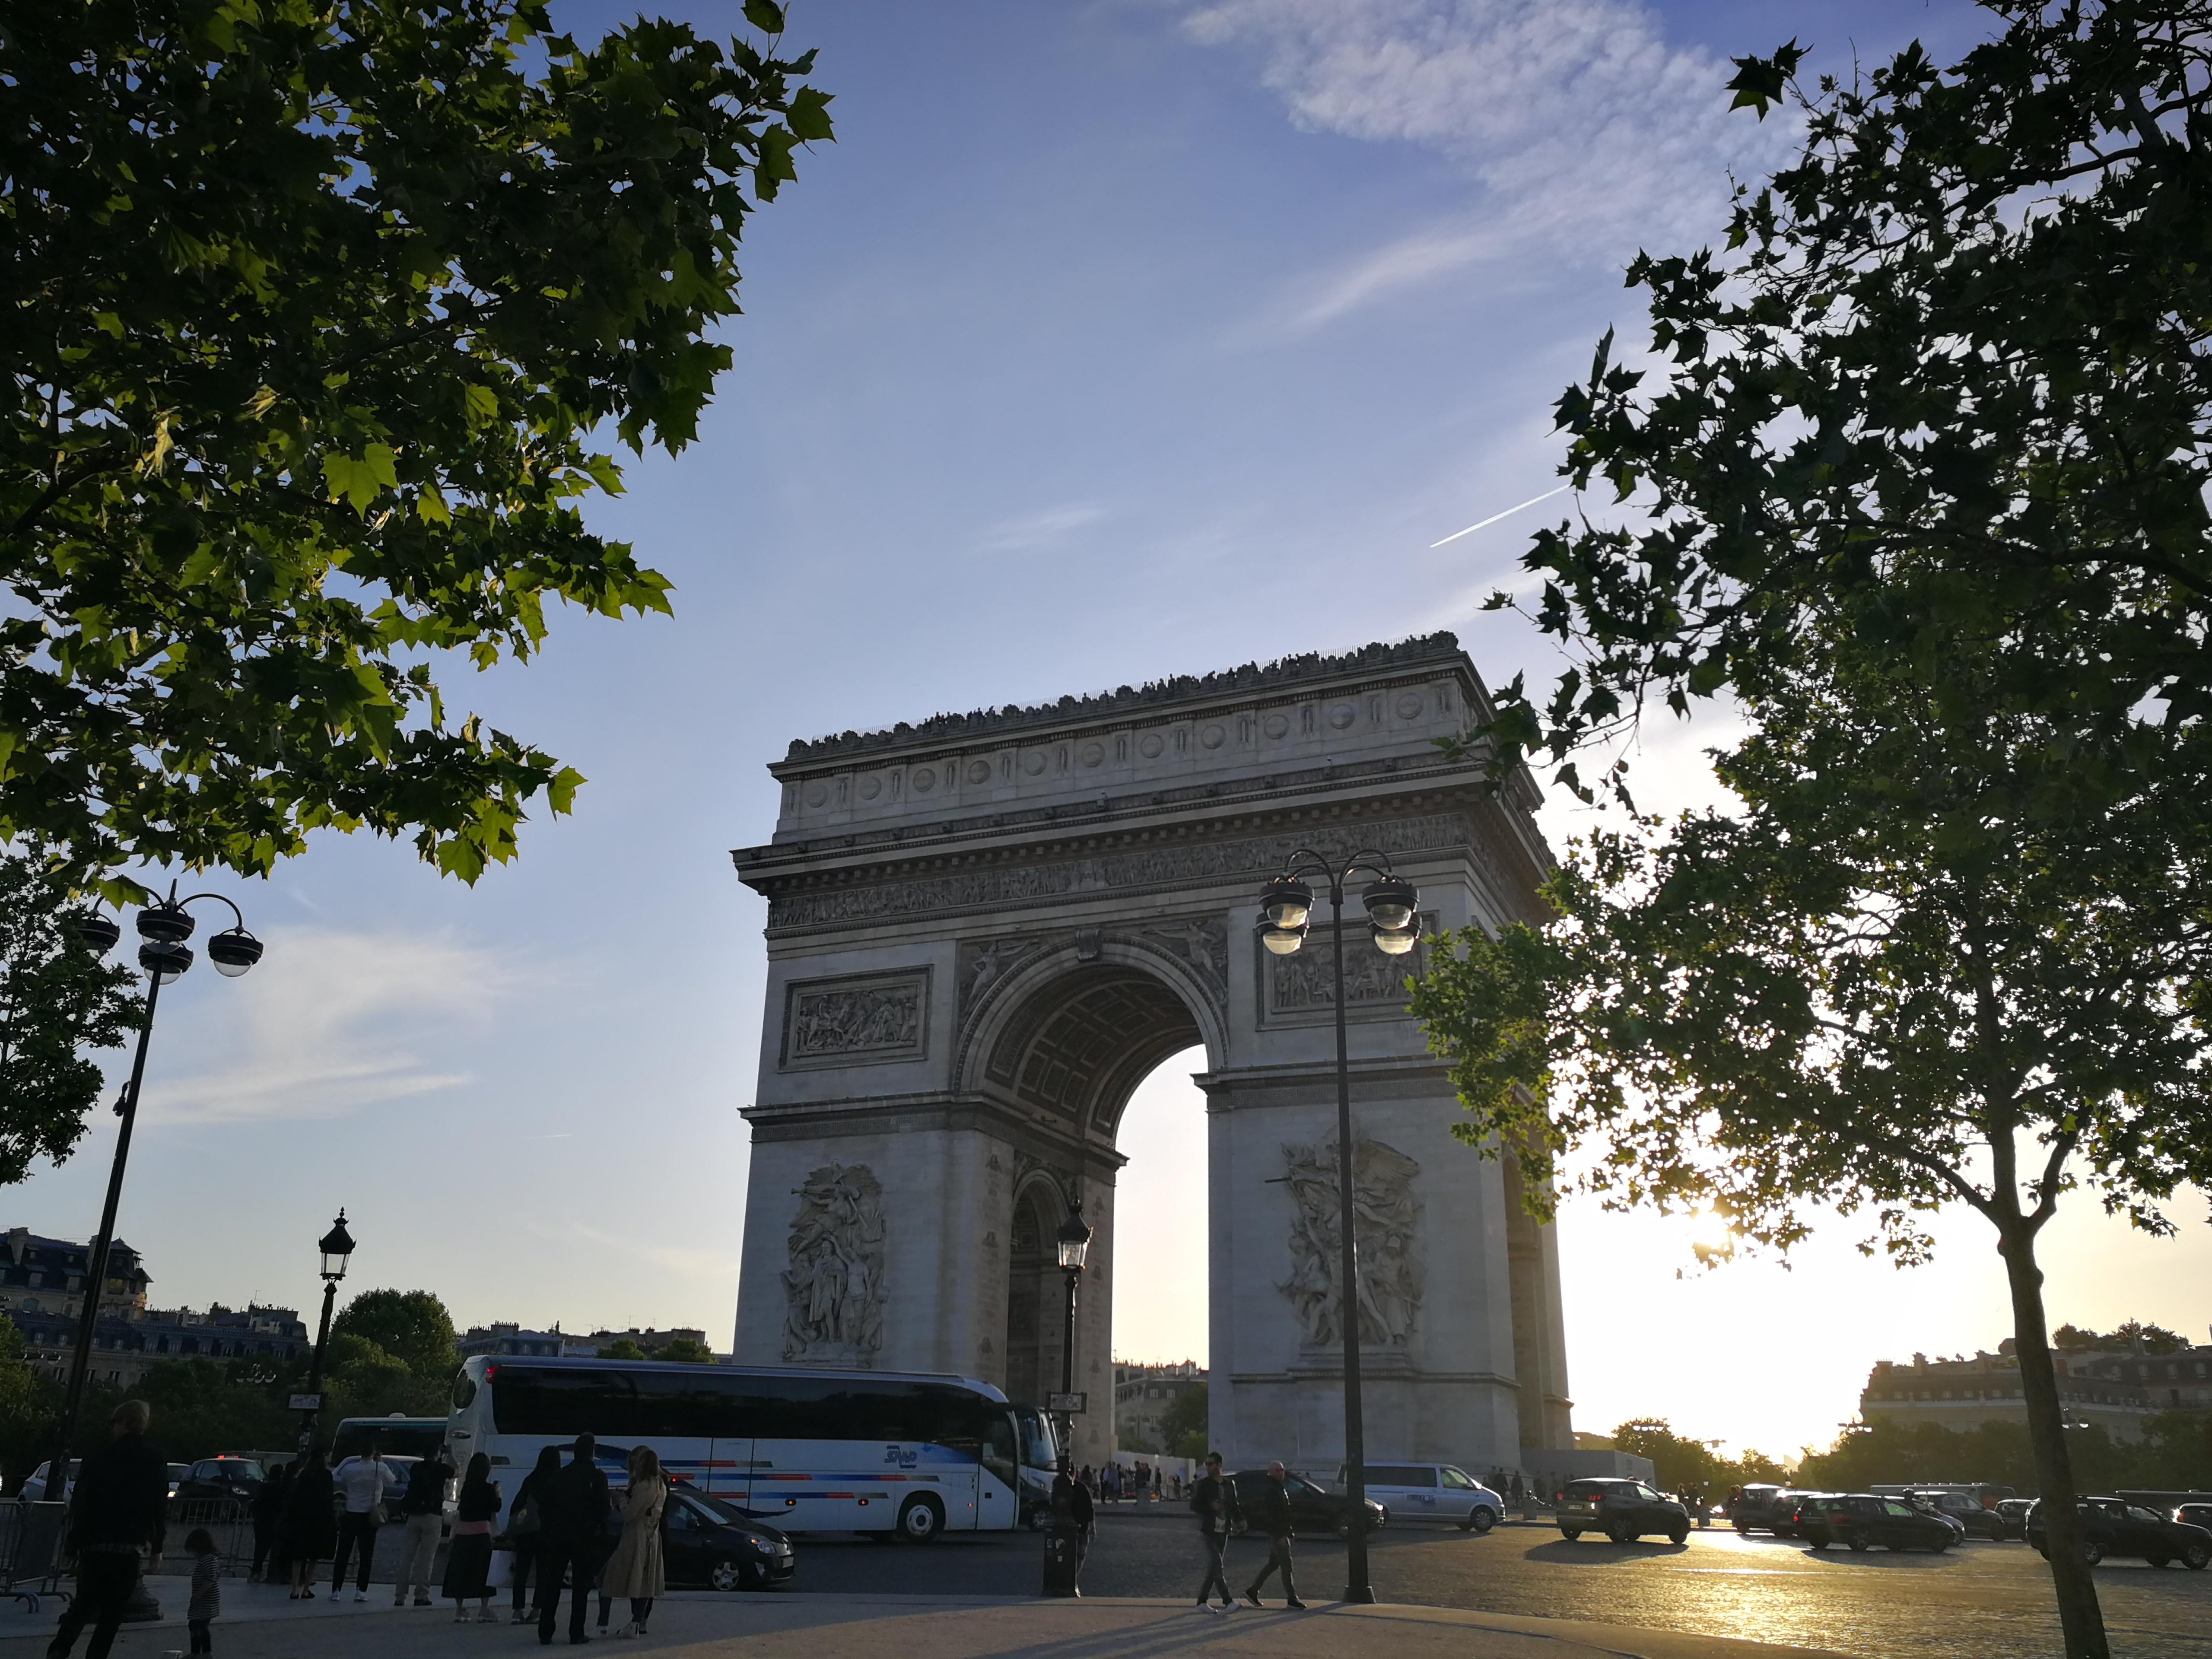 Когда исполняется мечта: путешествие в Париж!